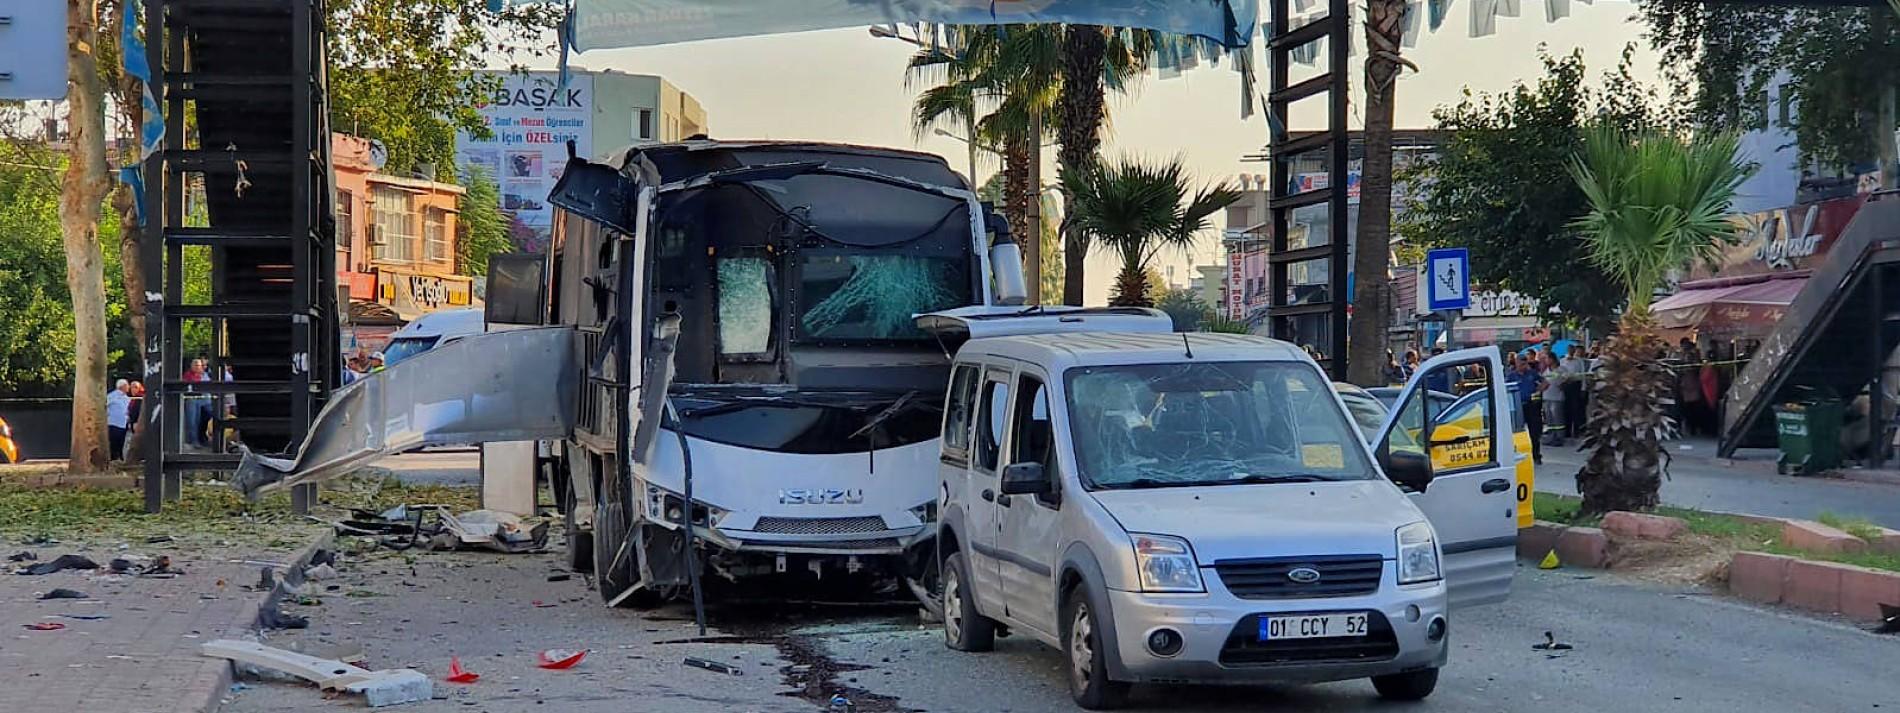 Fünf Verletzte bei Anschlag im südtürkischen Adana